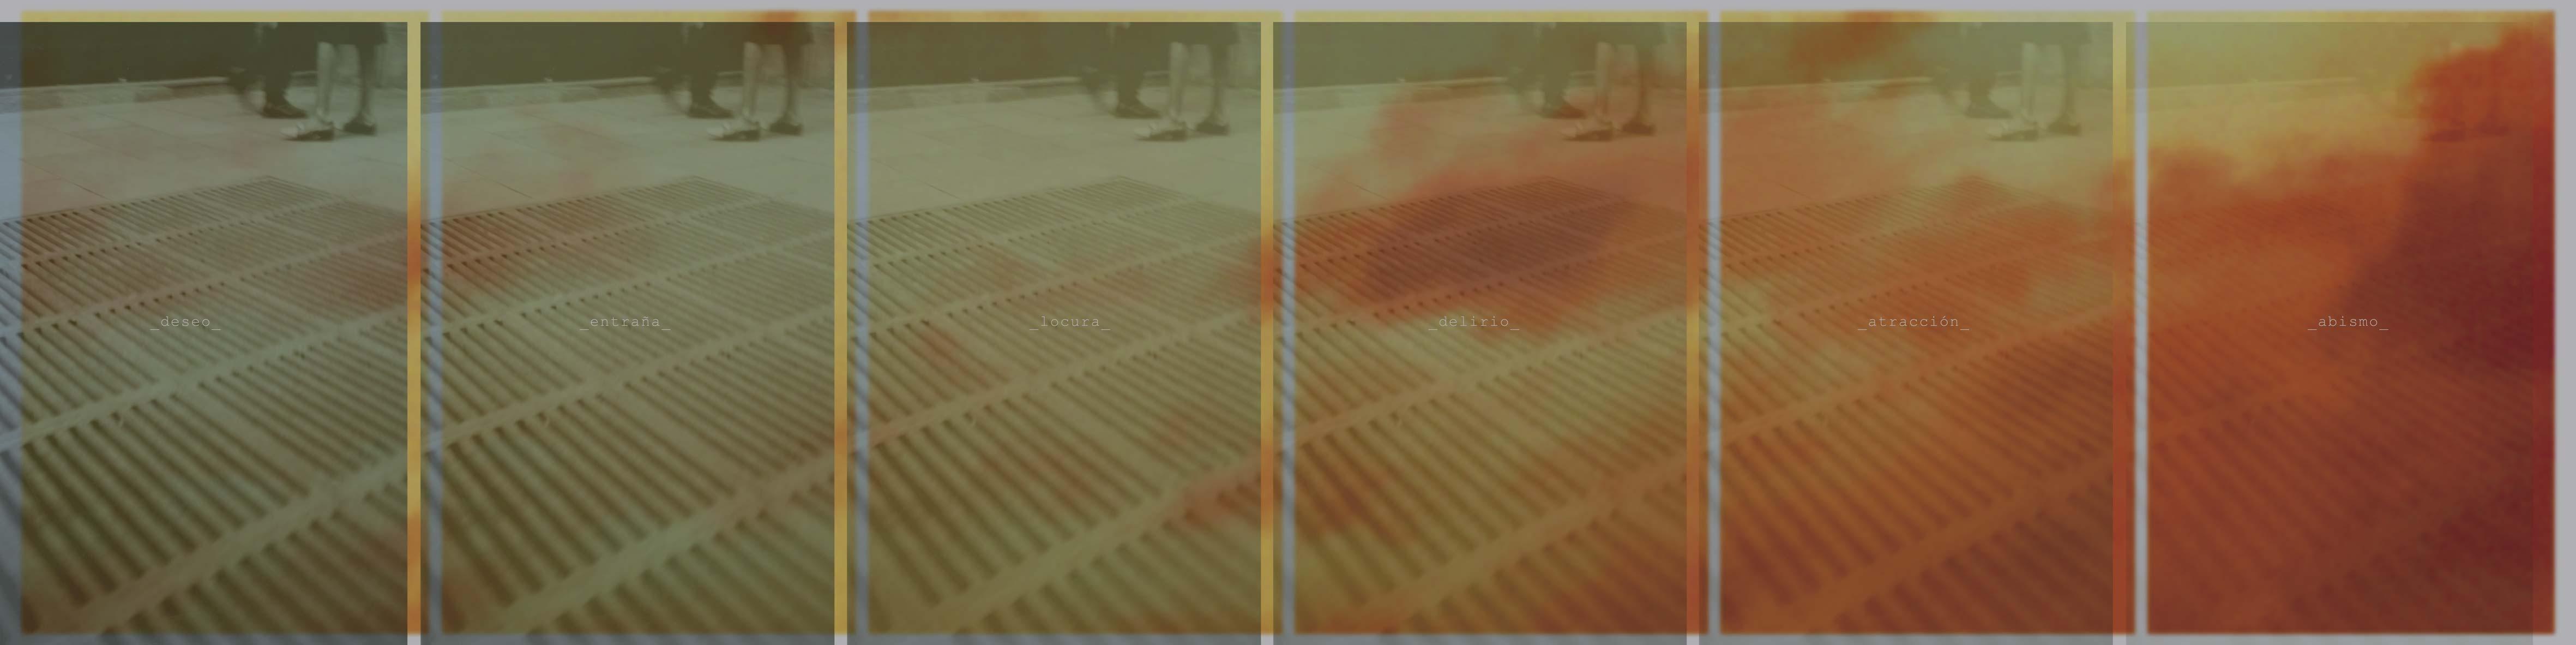 Anto Rabzas El Punto ciego/The waste city. 2006 Pieza 8: deseo_entraña_locura_delirio_atracción_abismo_ Impresión digital coor-jet sobre aluminio.1 unidad de 300 x 75 cm. montadas sobre estructura de tubo de acero de 60 x 60 a 12 cm,del suelo